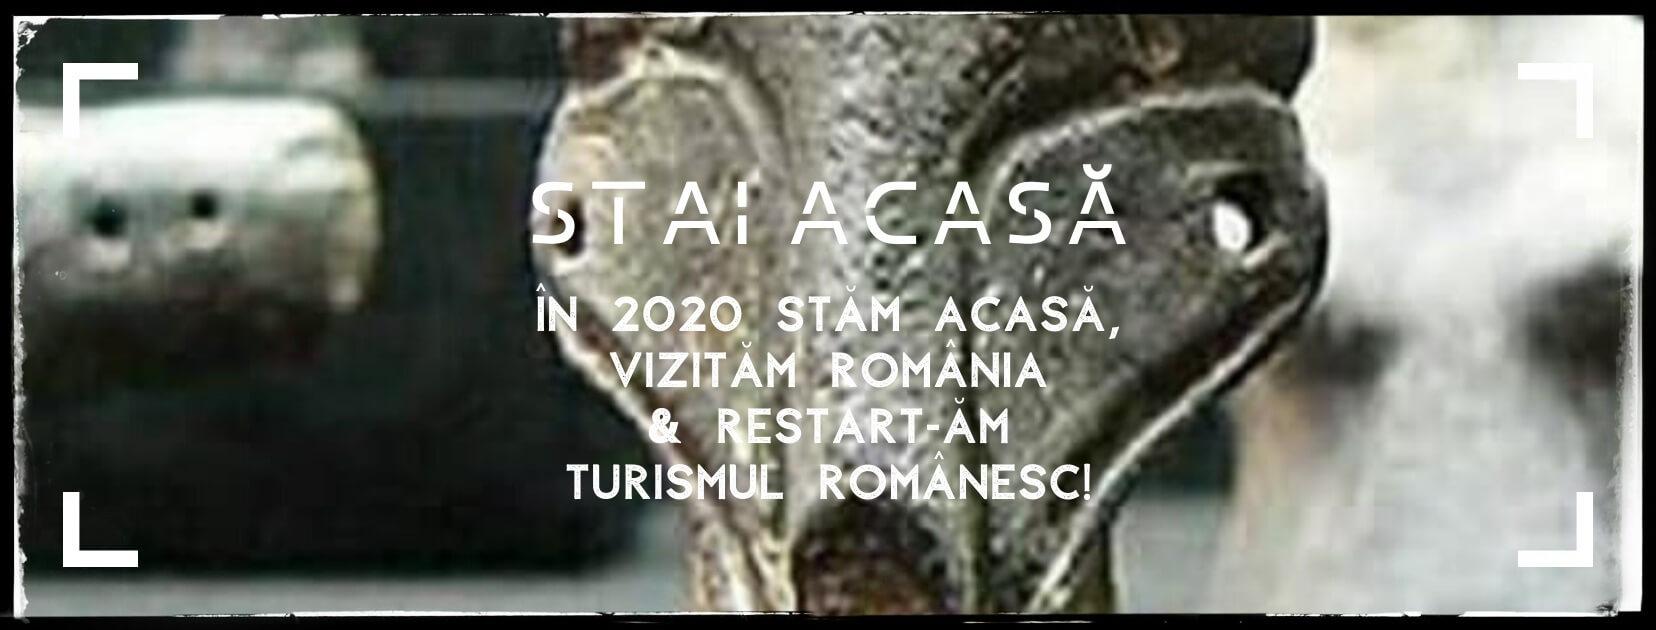 Timișoara Capitală Culturală EUROPEANĂ 2021 Cultura Vinča Turdaş Povestea Locurilor